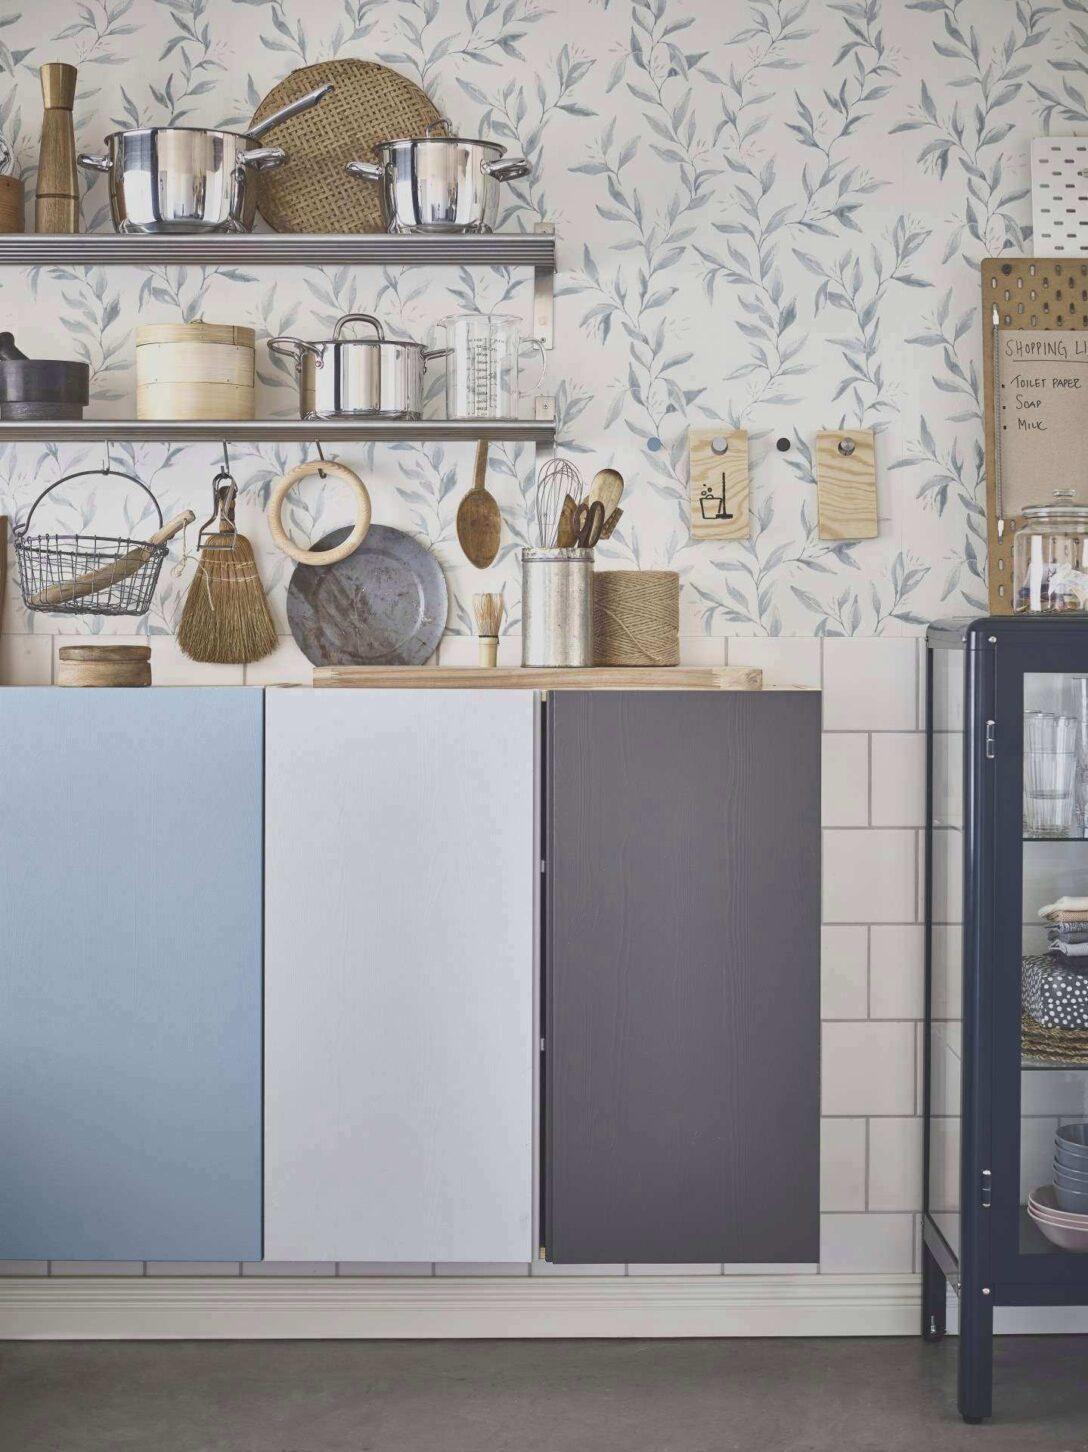 Large Size of Schrankküchen Ikea Kche 100 Euro 22 Schnes Konzept Wei Holz Miniküche Betten 160x200 Modulküche Bei Sofa Mit Schlaffunktion Küche Kosten Kaufen Wohnzimmer Schrankküchen Ikea